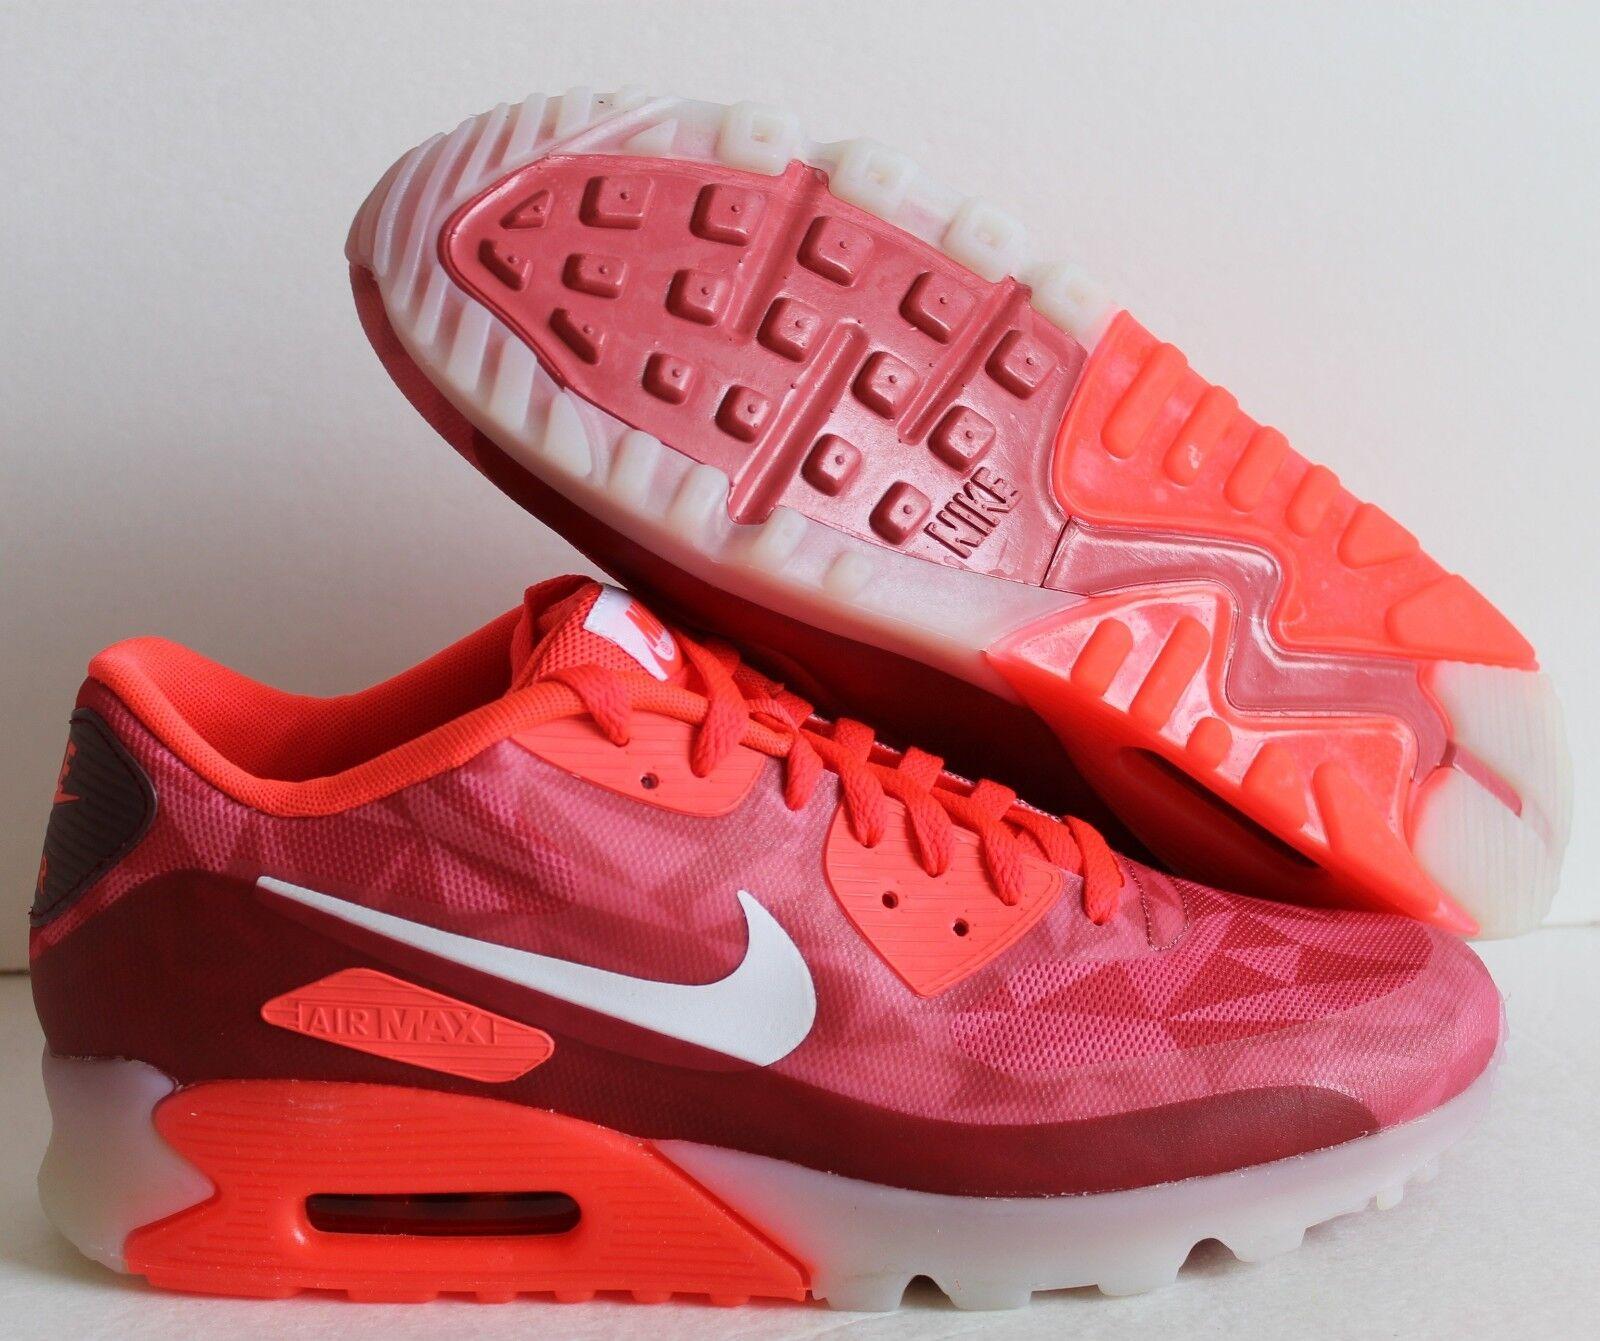 crimson-white-legion nike air max 90 glace rouge laser de réduction de de prix des chaussures de réduction femmes des chaussures bon marché a9bf25